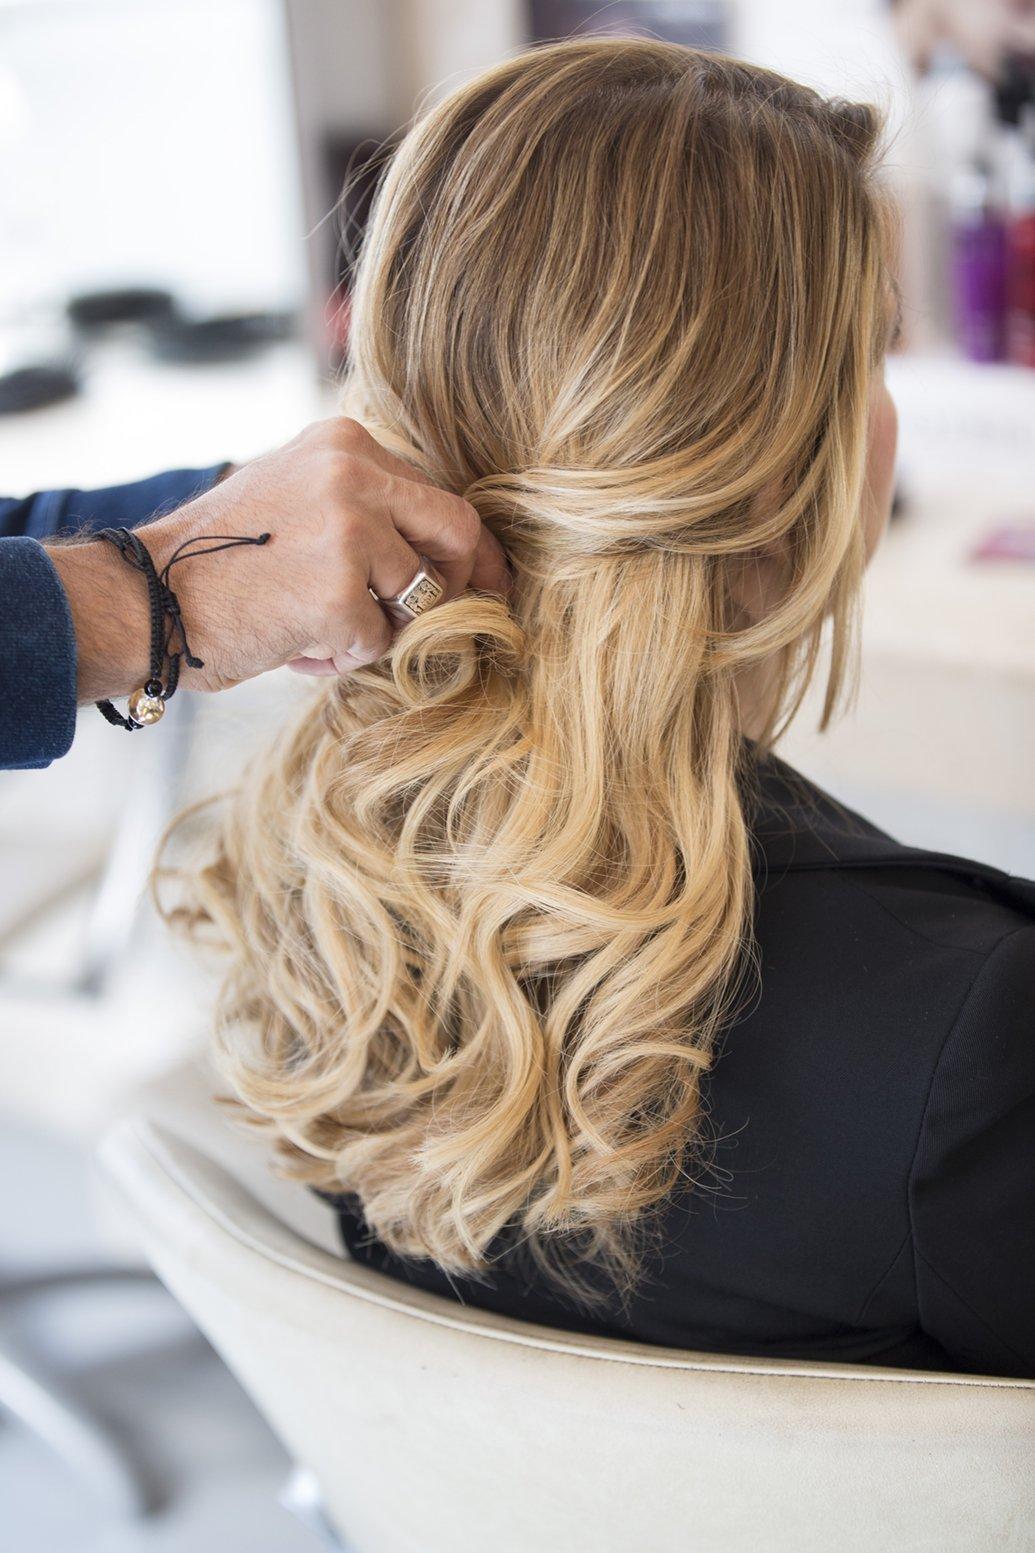 Come legare i capelli con le extensions